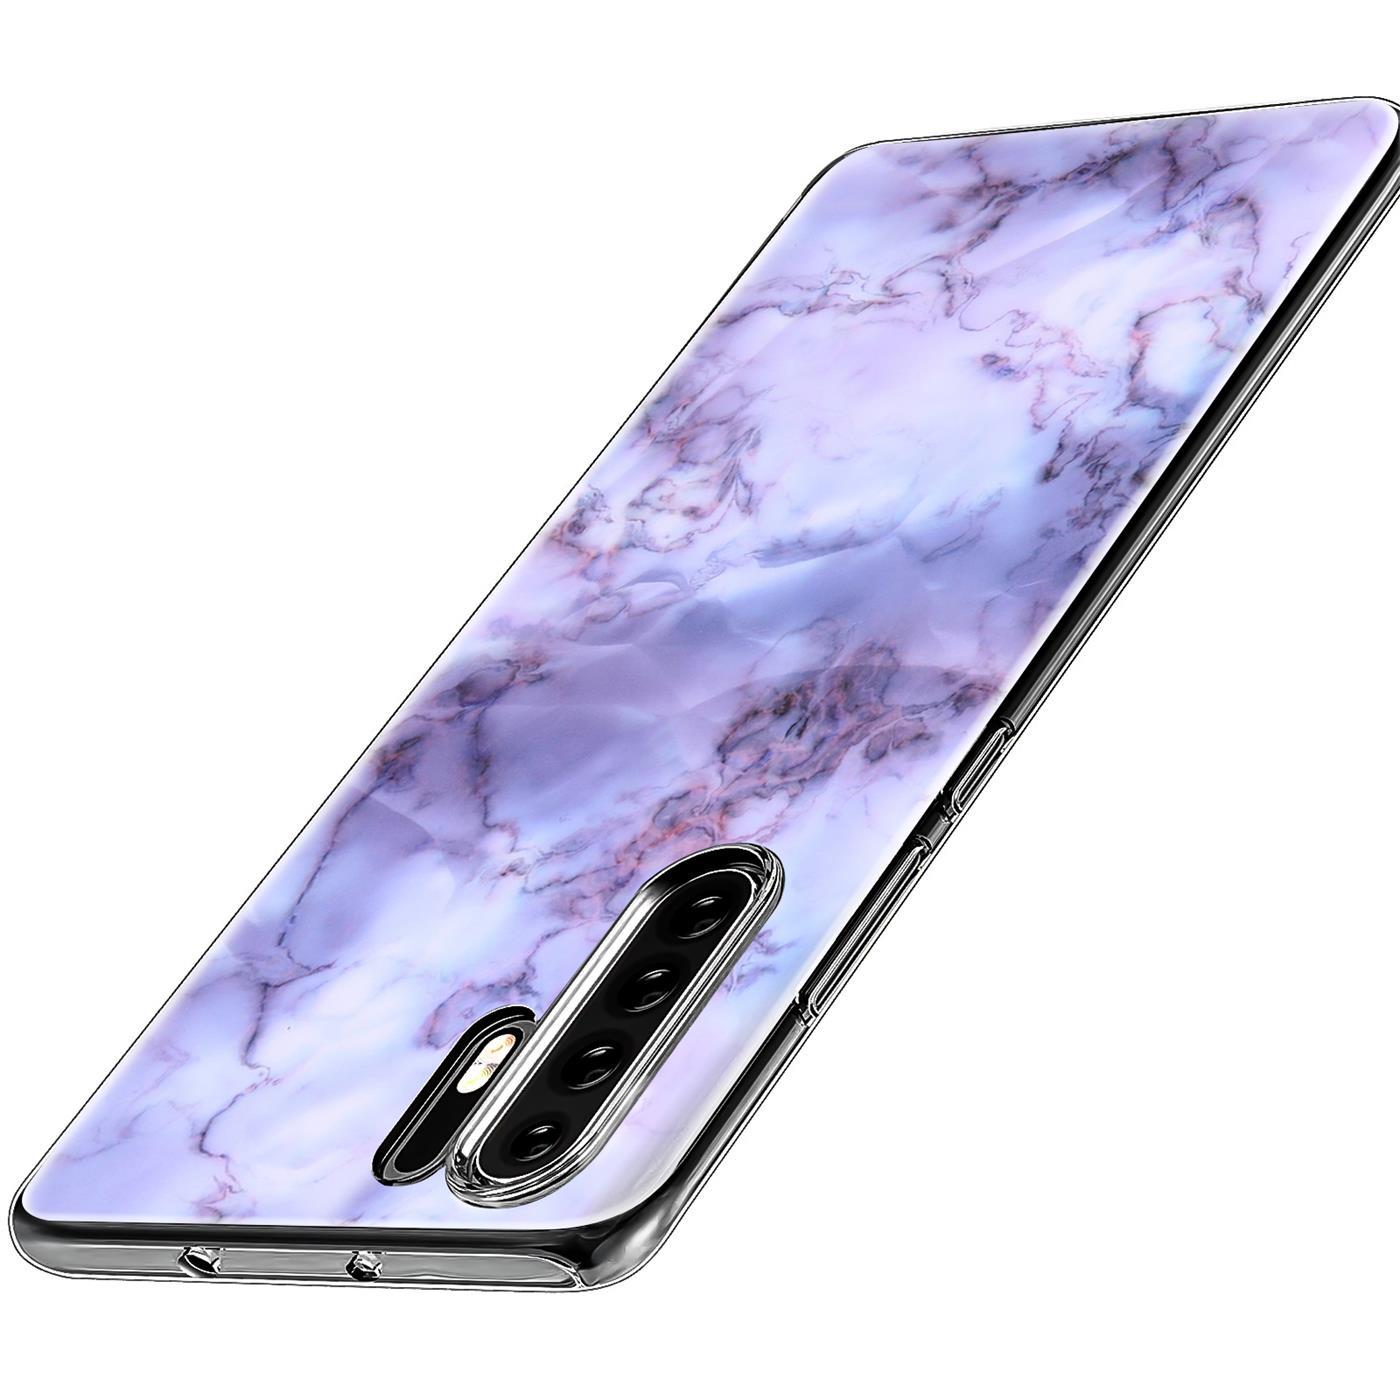 Huawei-P30-Lite-Motiv-Handy-Huelle-Silikon-Tasche-Schutzhuelle-Cover-Slim-TPU-Case Indexbild 53